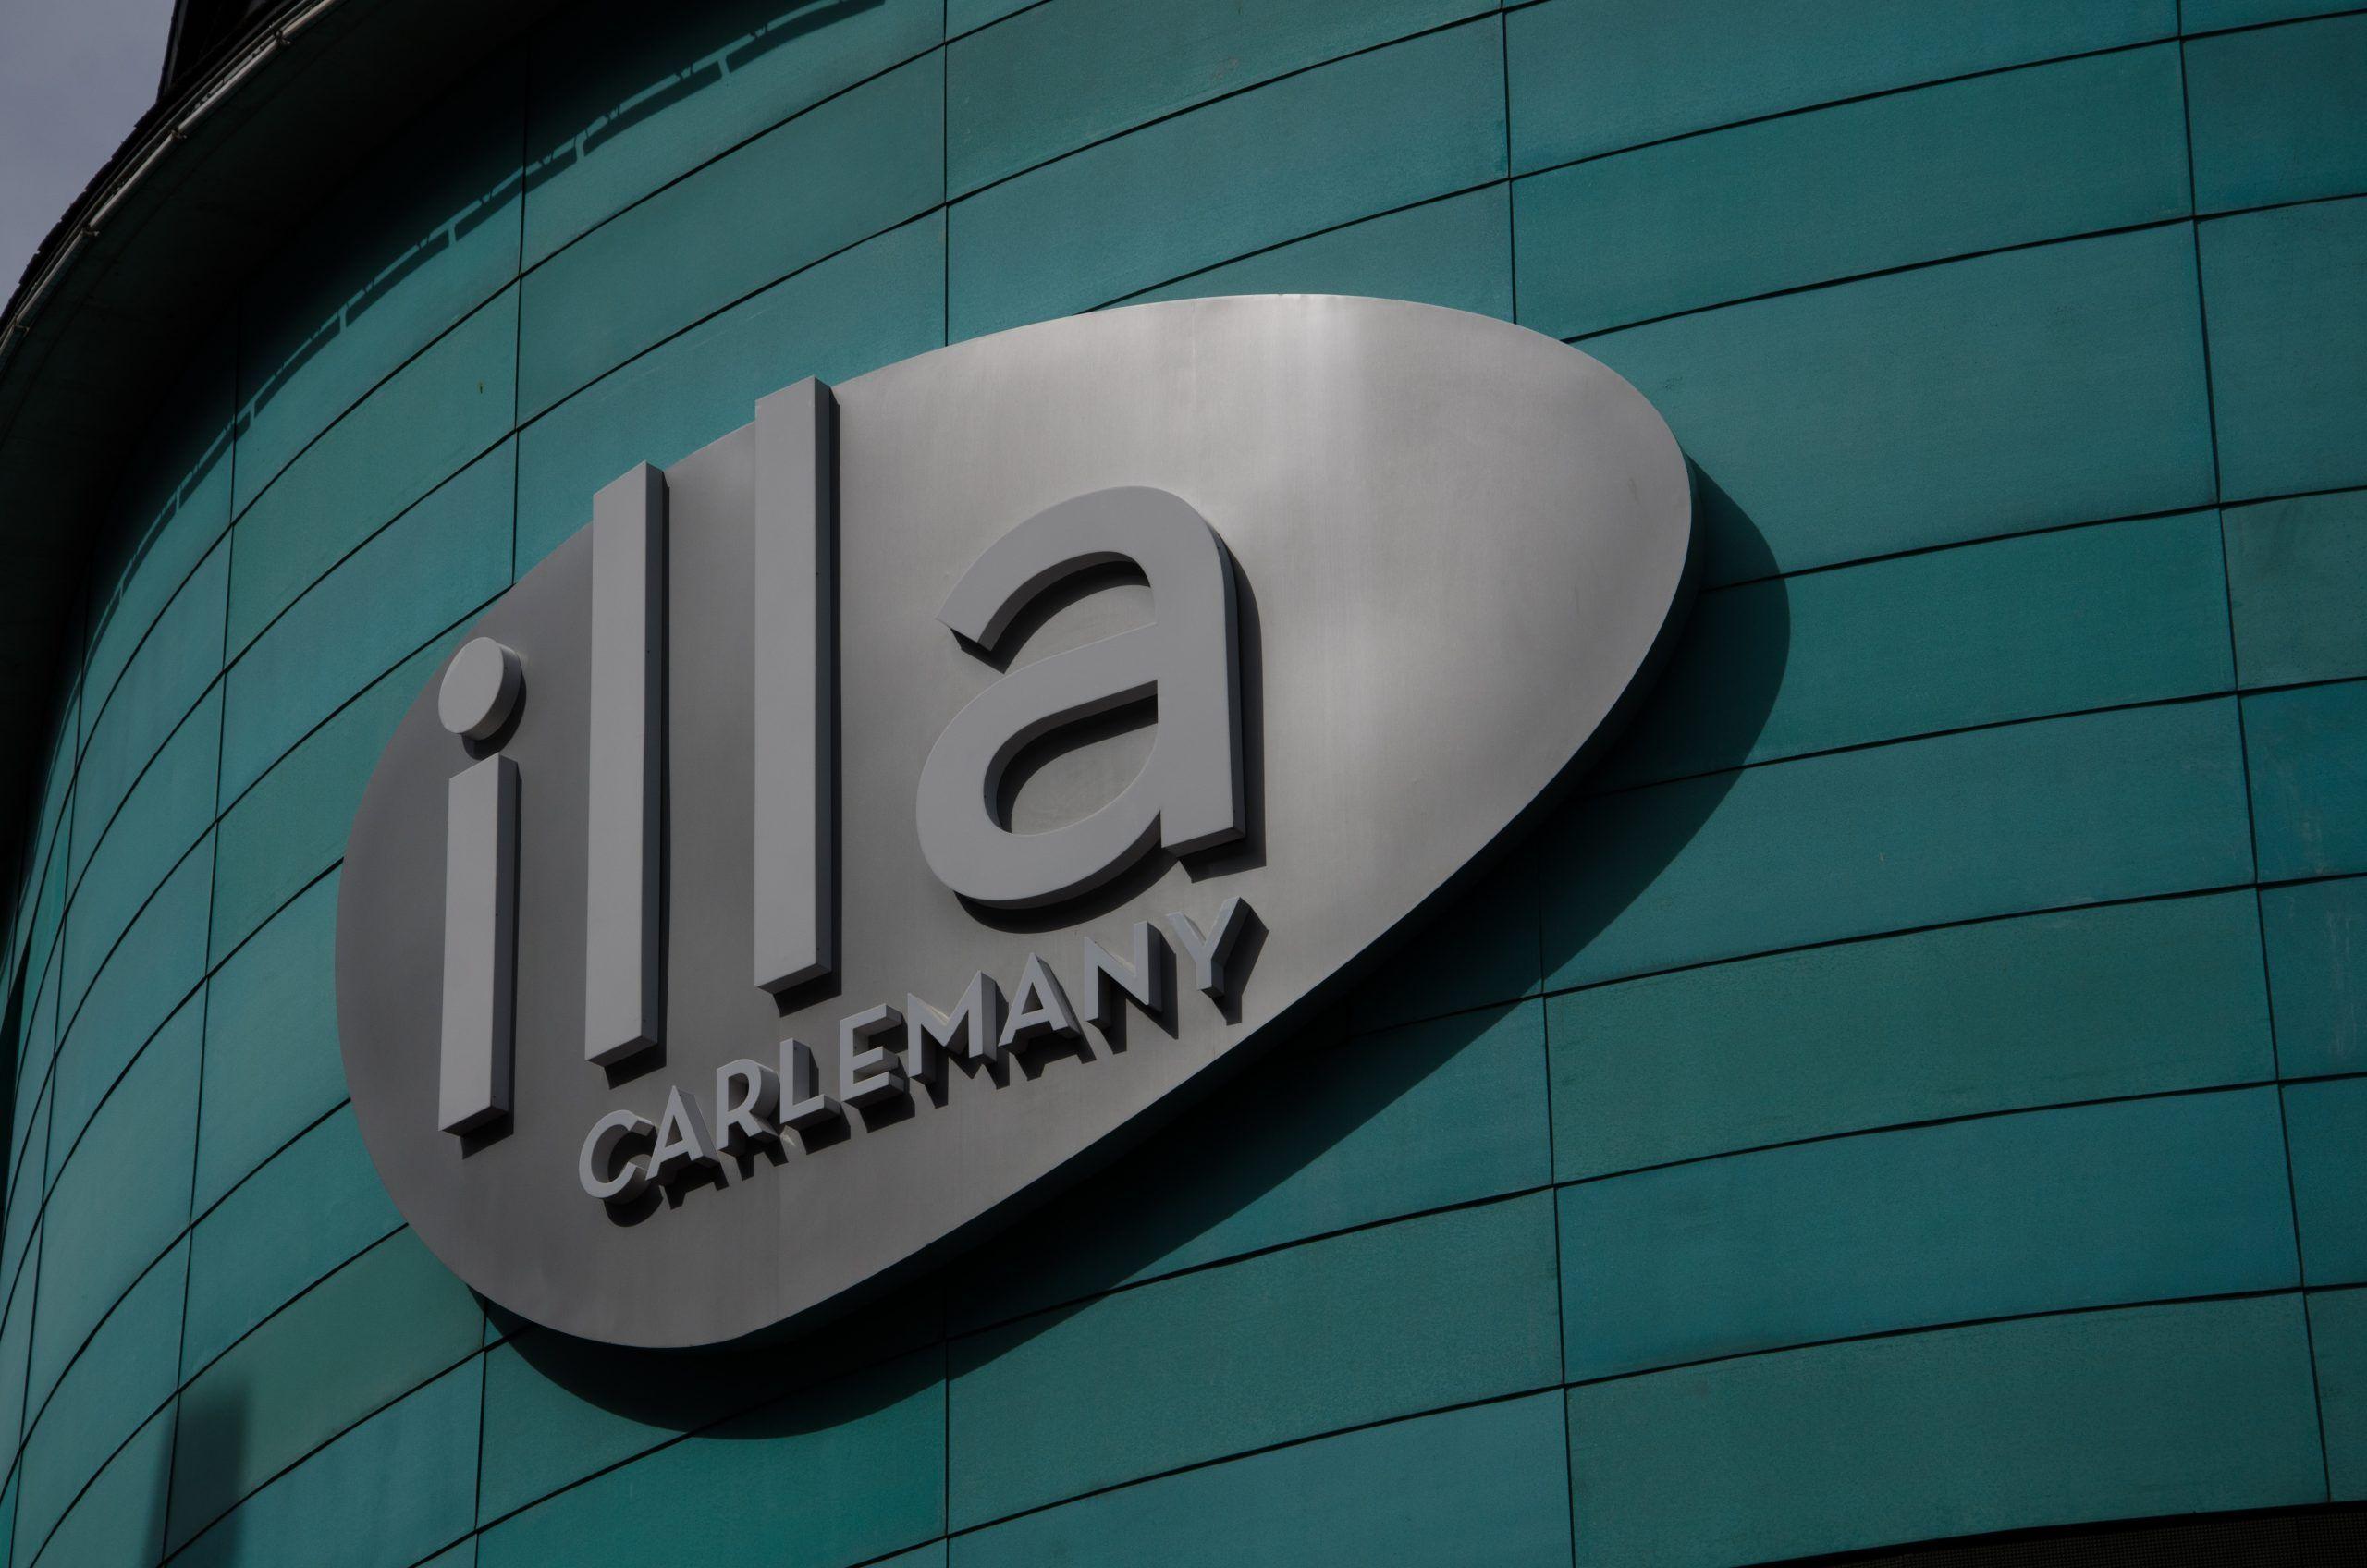 ILLA CARLEMANY EXTERIORS-1